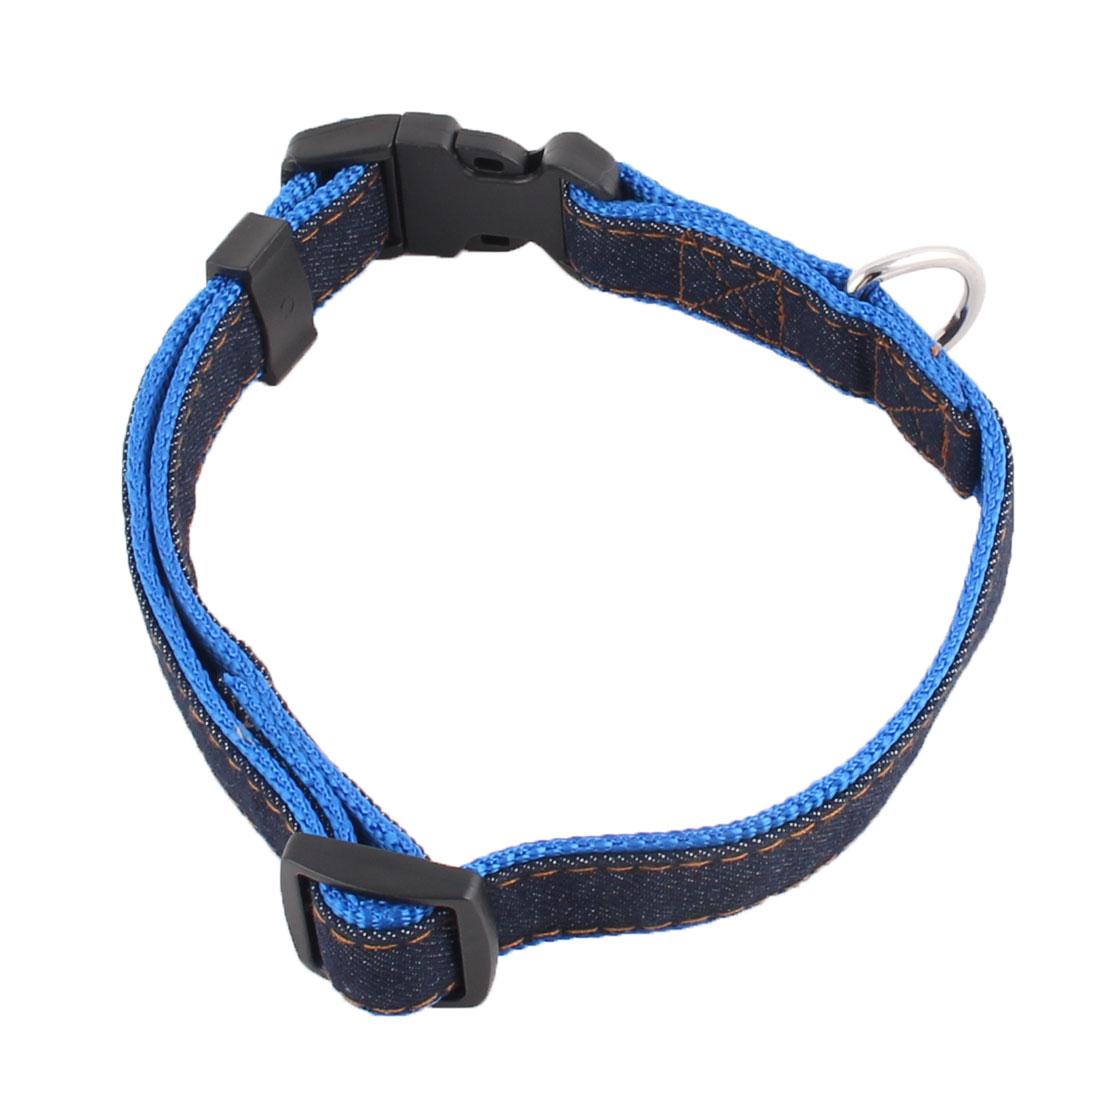 Pet Dog Denim Adjustable Side Release Buckle Neck Collar Belt Blue